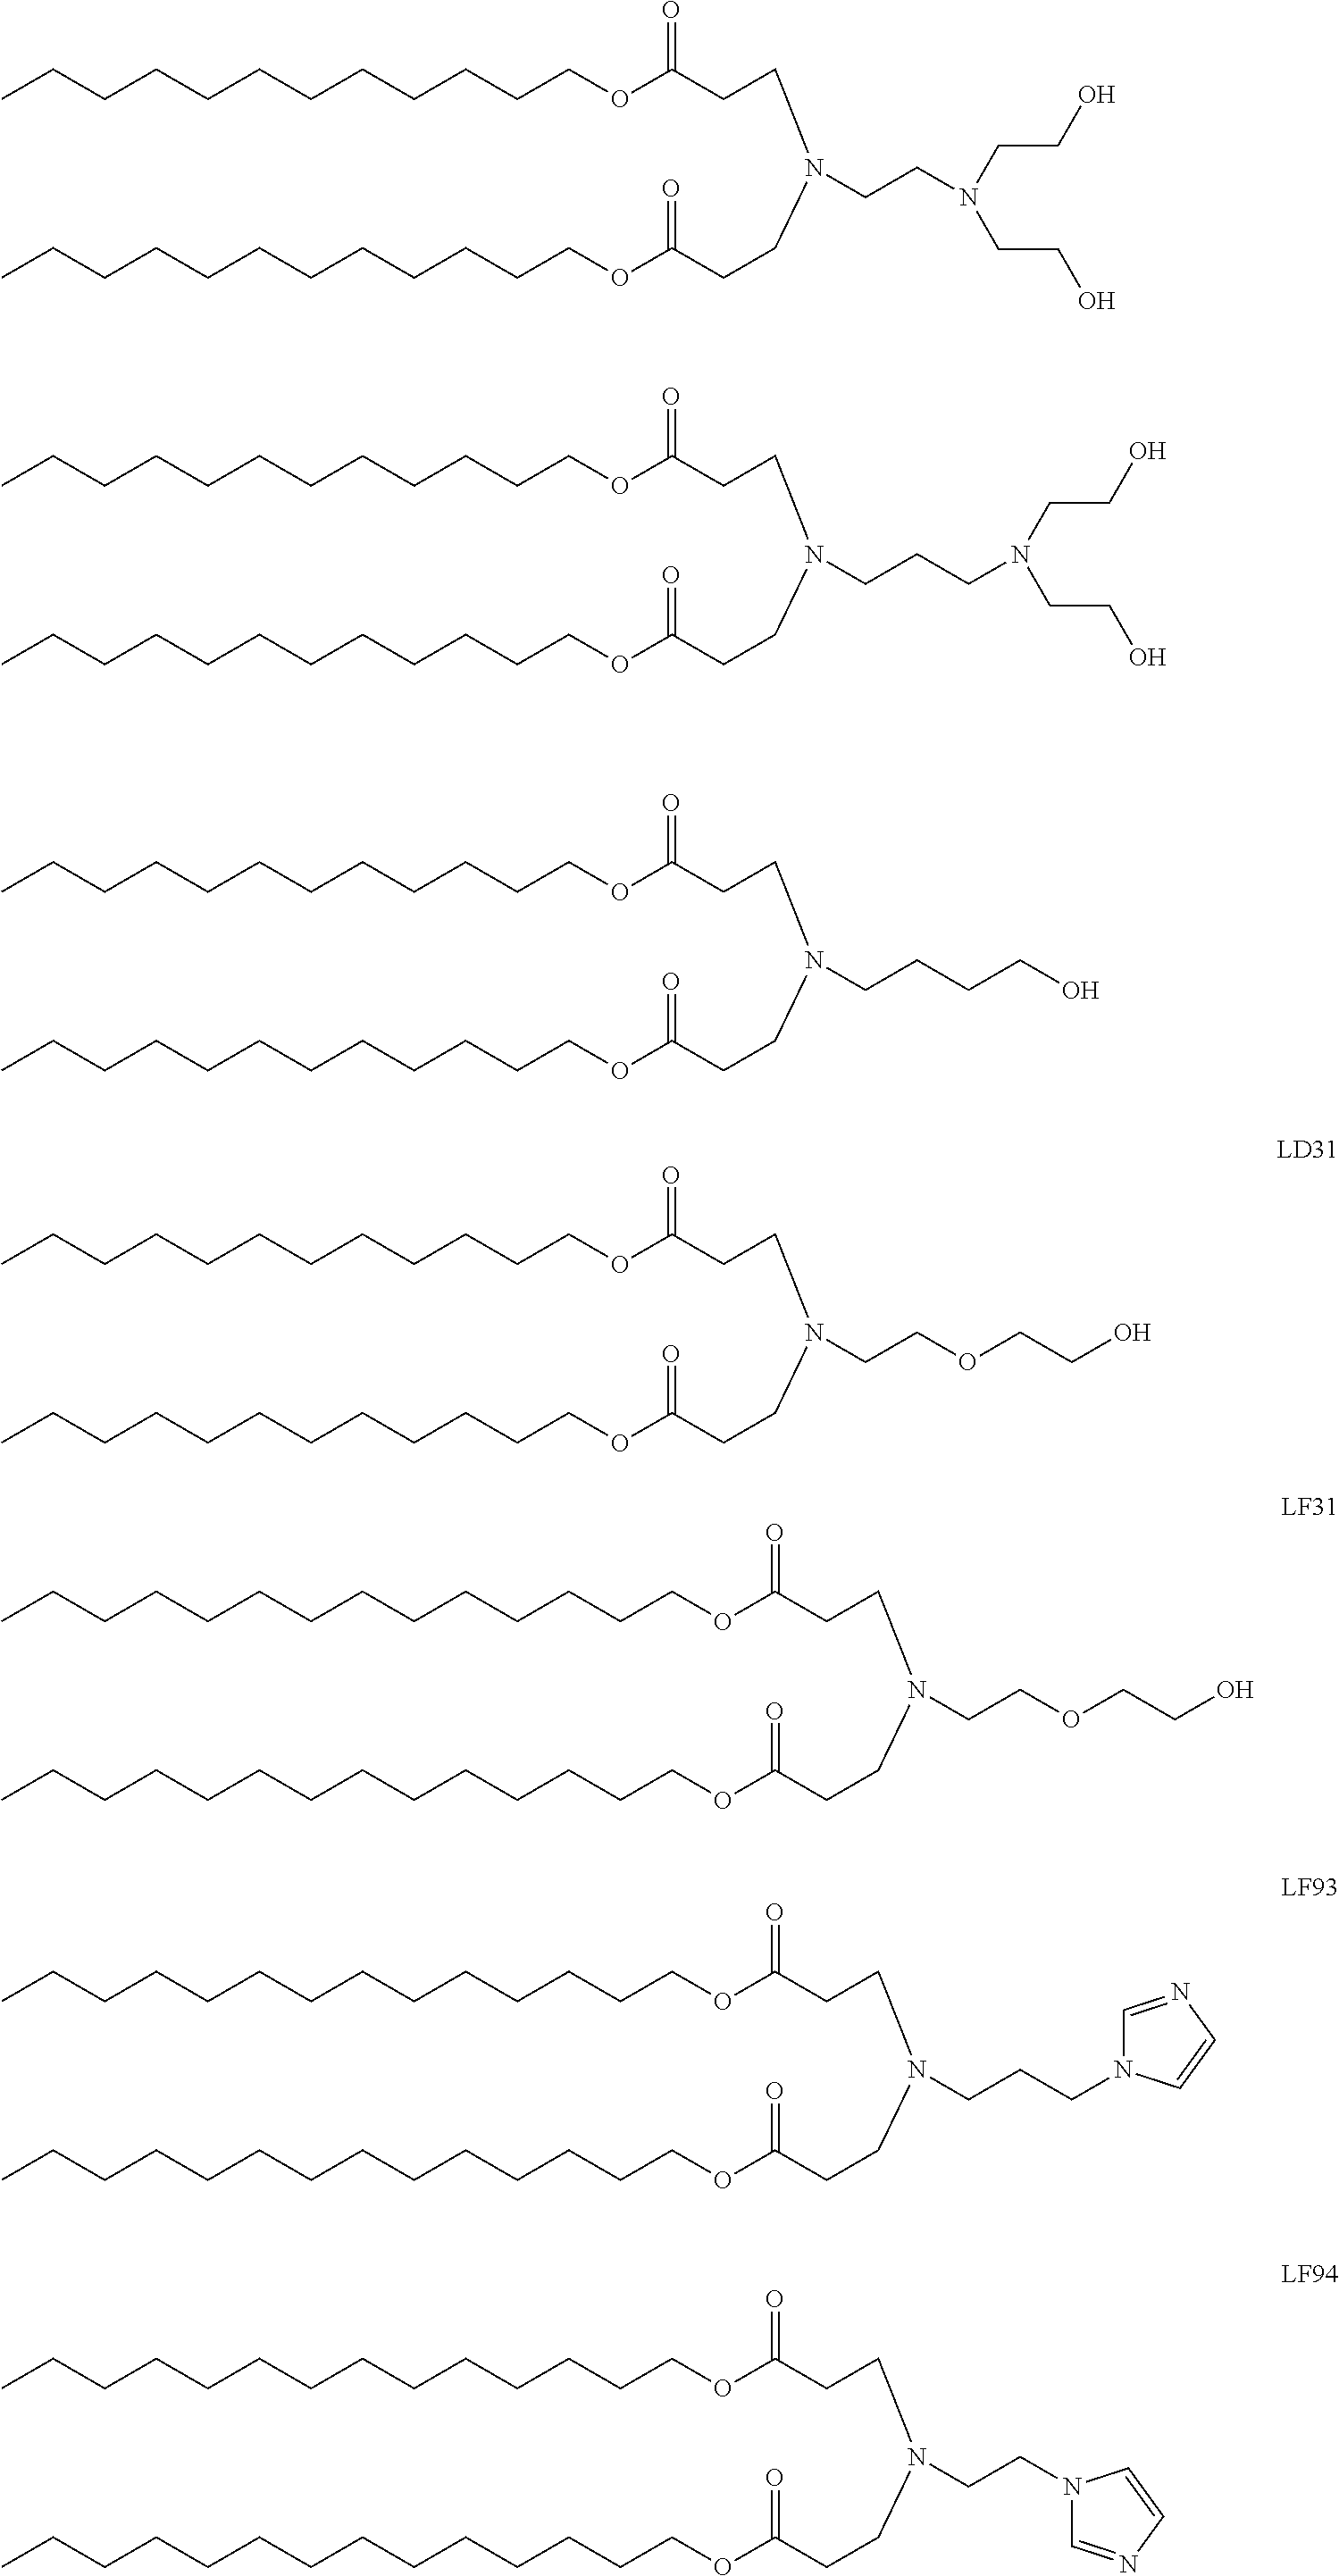 Figure US20110009641A1-20110113-C00263